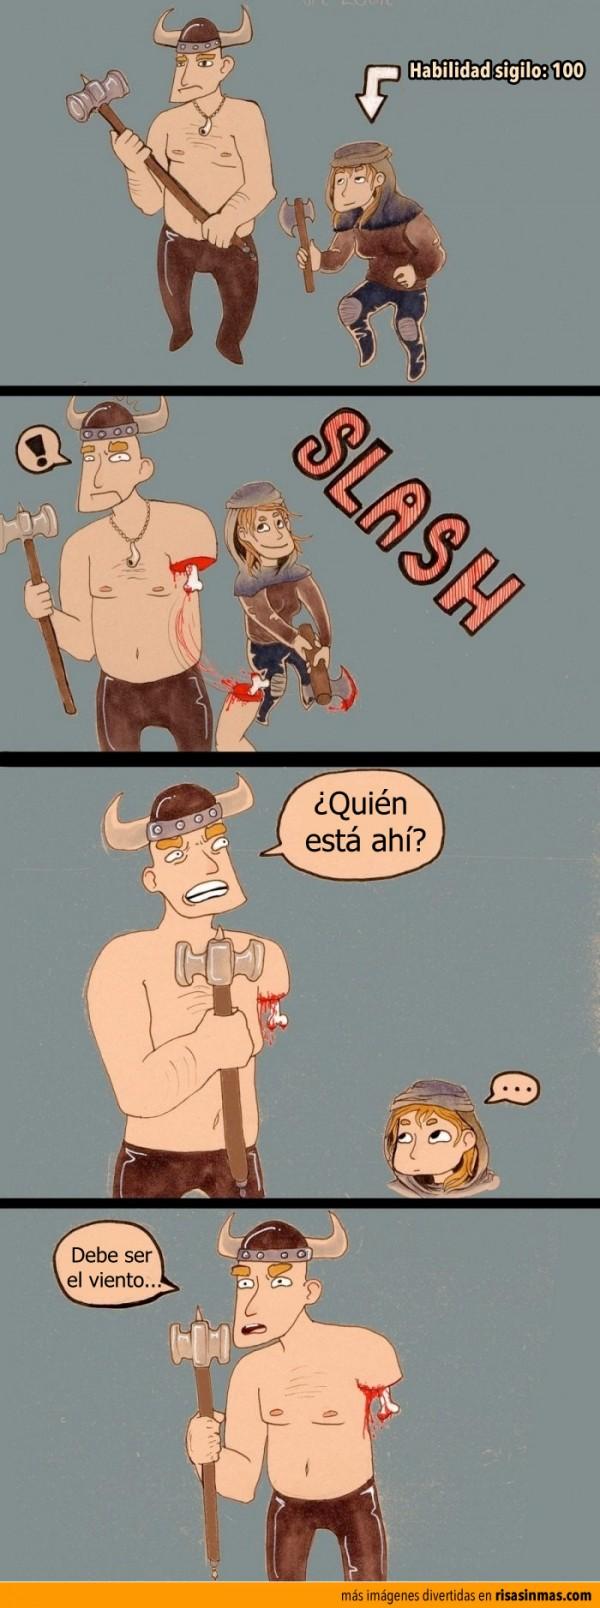 La lógica de Skyrim